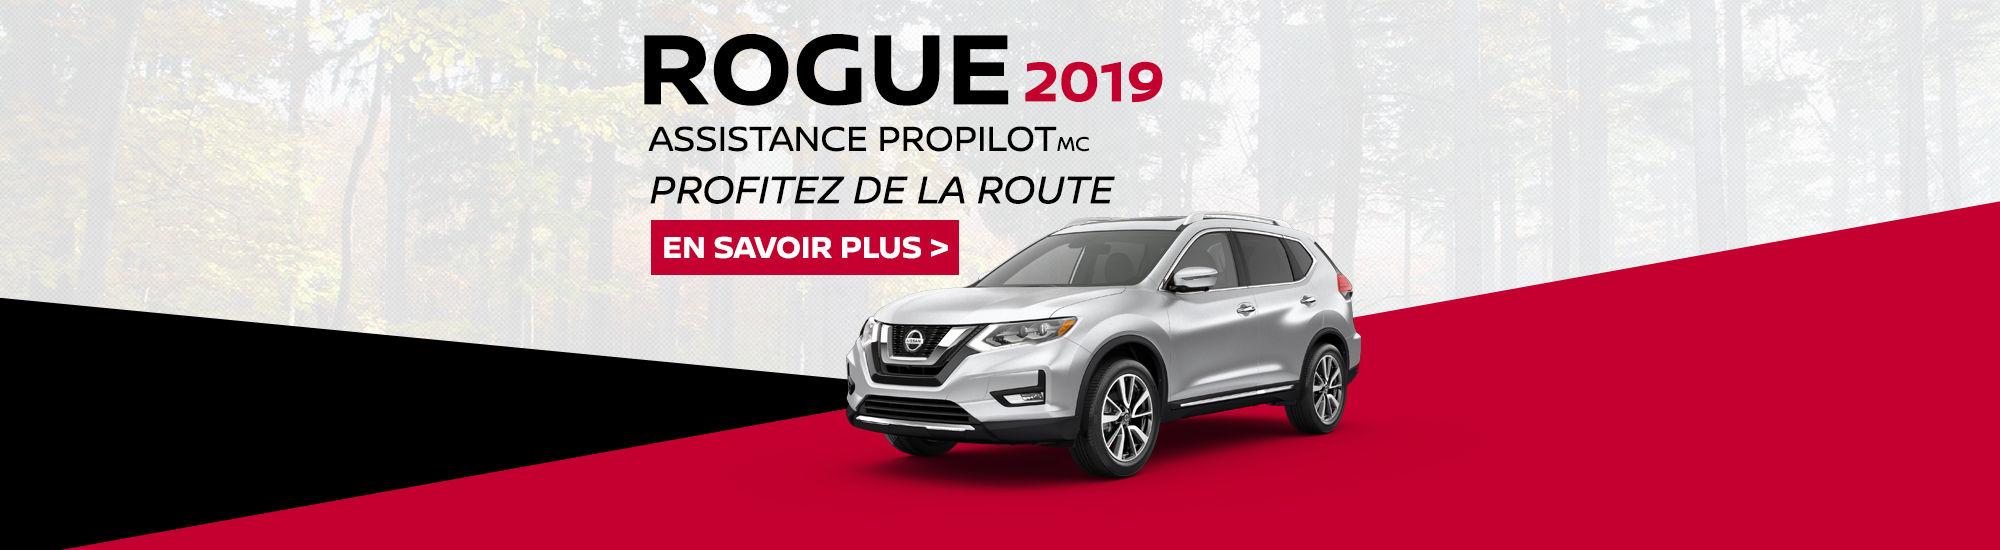 Rogue 2019